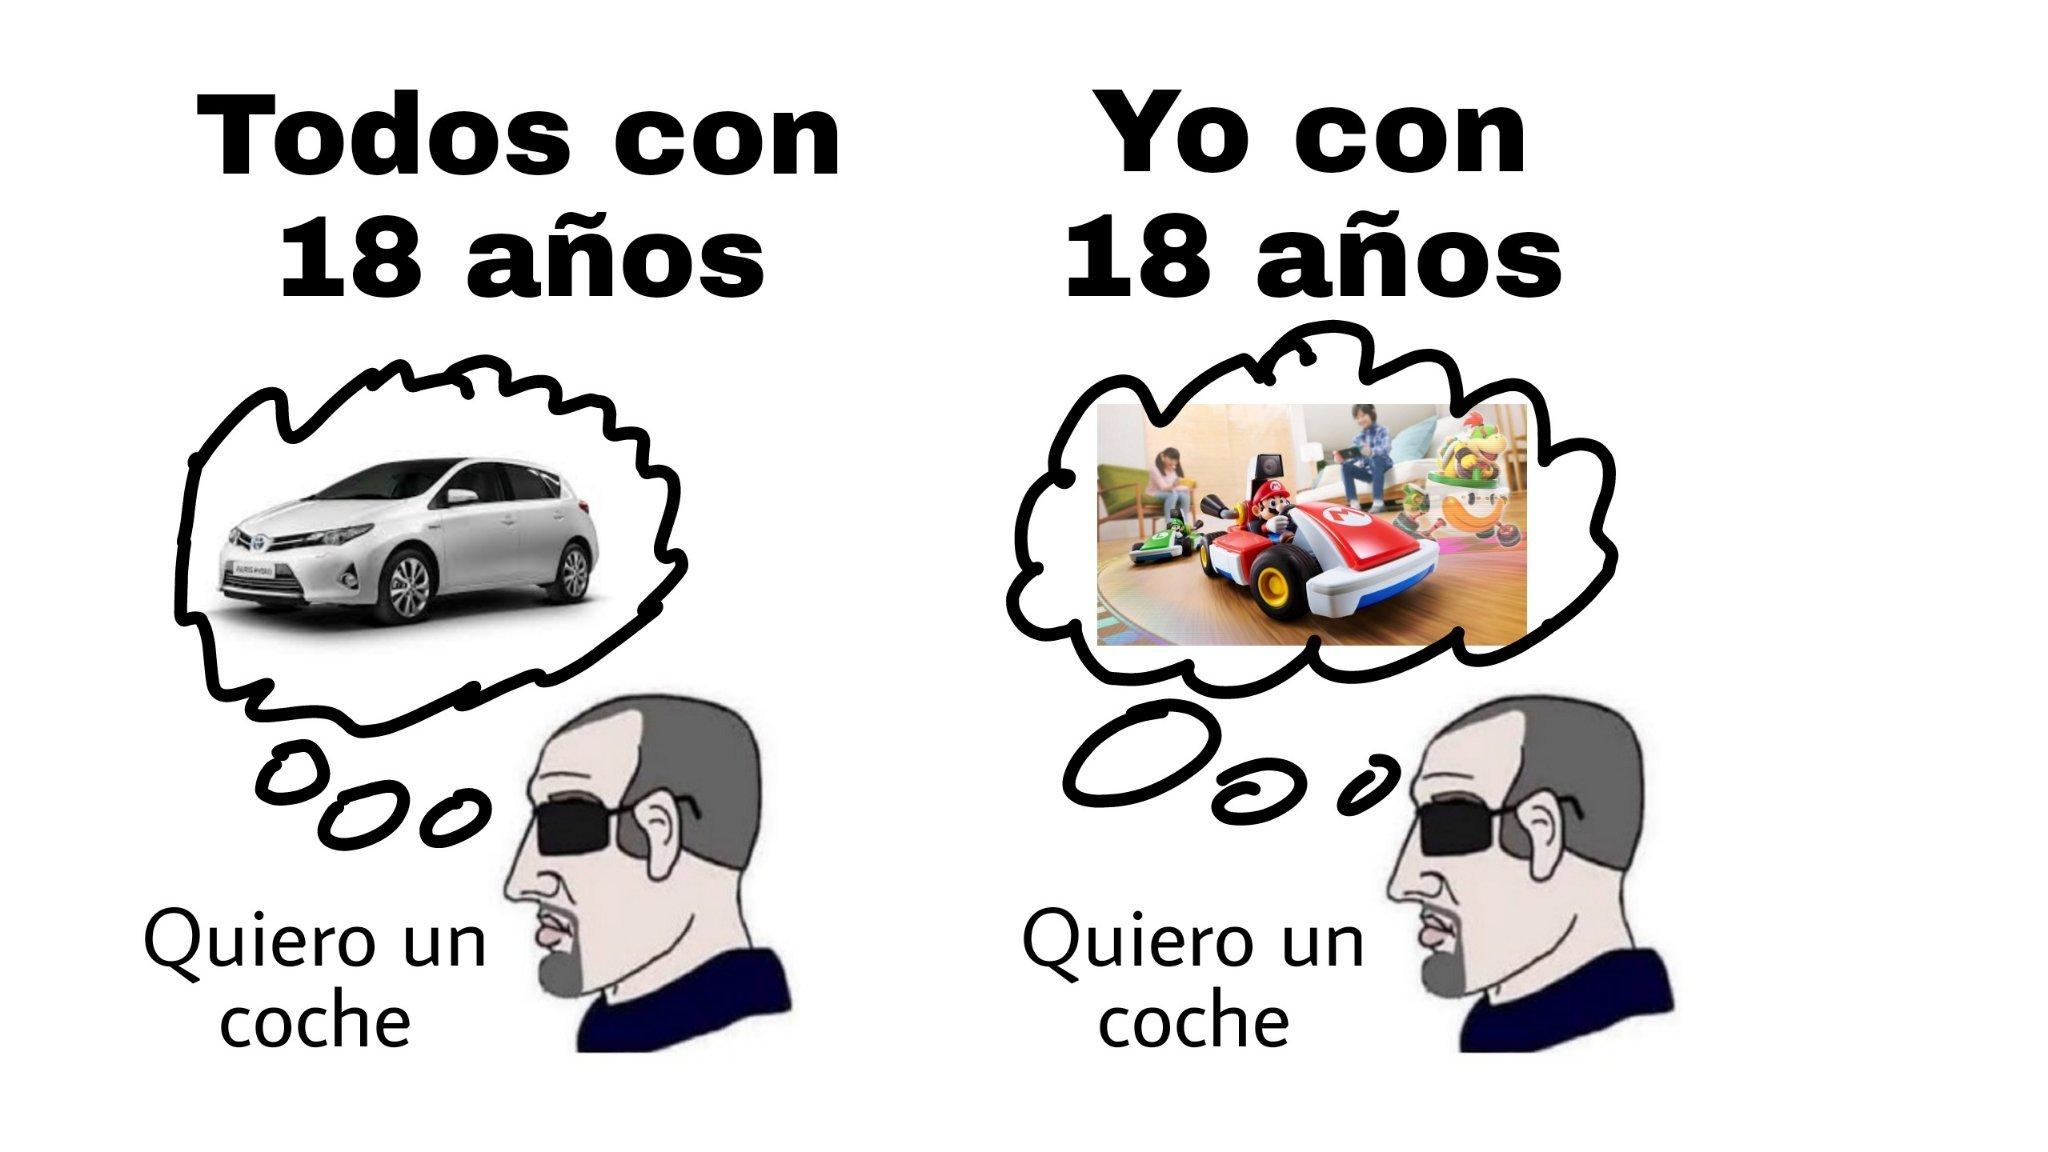 Buenardo el Mario Direct - meme